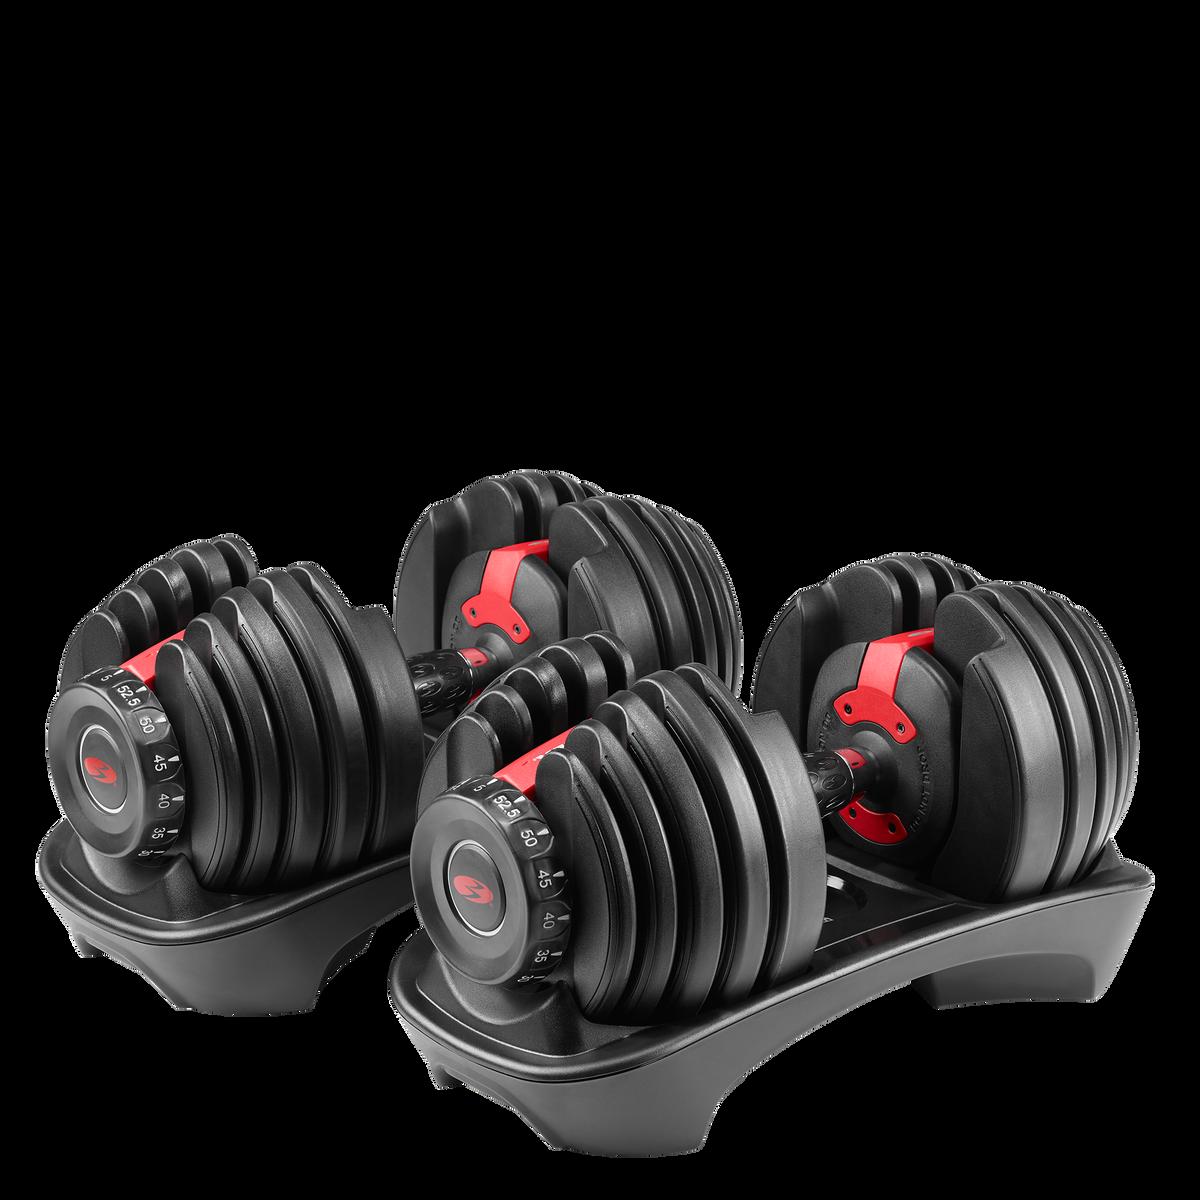 Bowflex SelectTech 840 Kettlebell Single Adjustable Weight Brand New FREE SHIP!